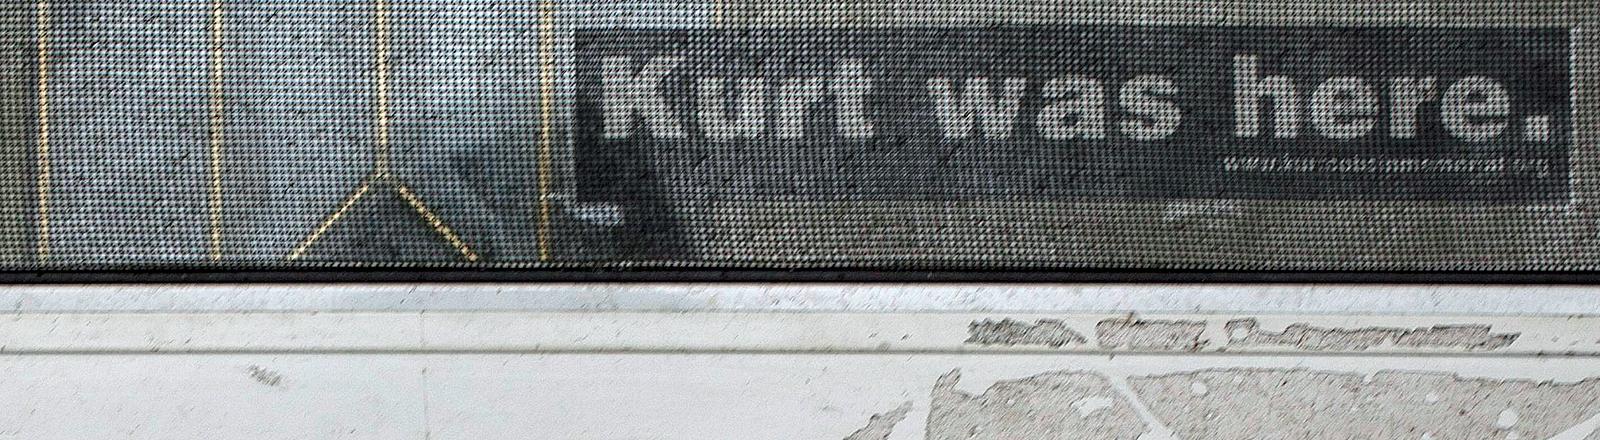 Sticker auf einem ehemaligen Wohnhaus von Kurt Cobain.